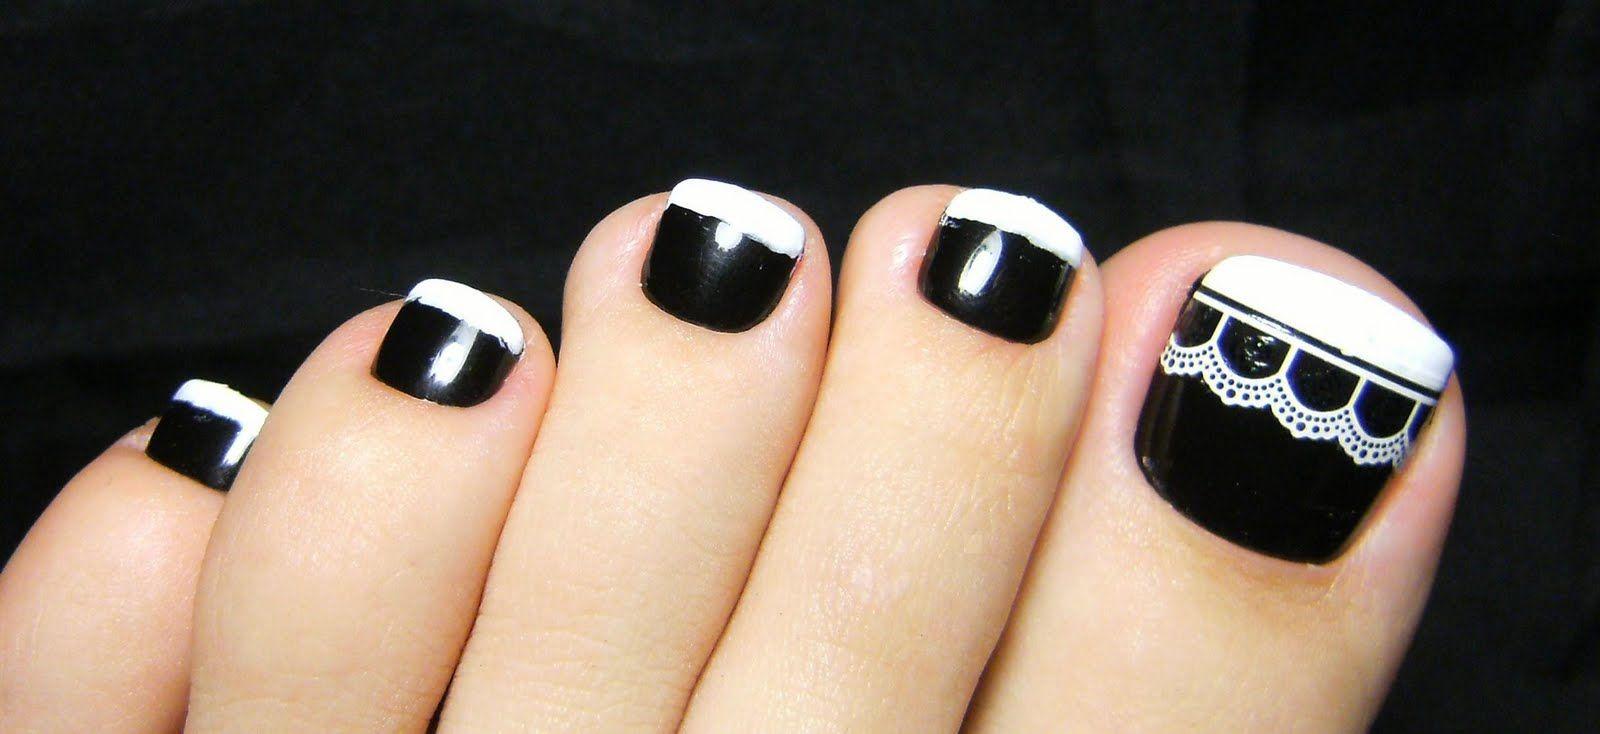 Белый и черный цвет маникюра фото